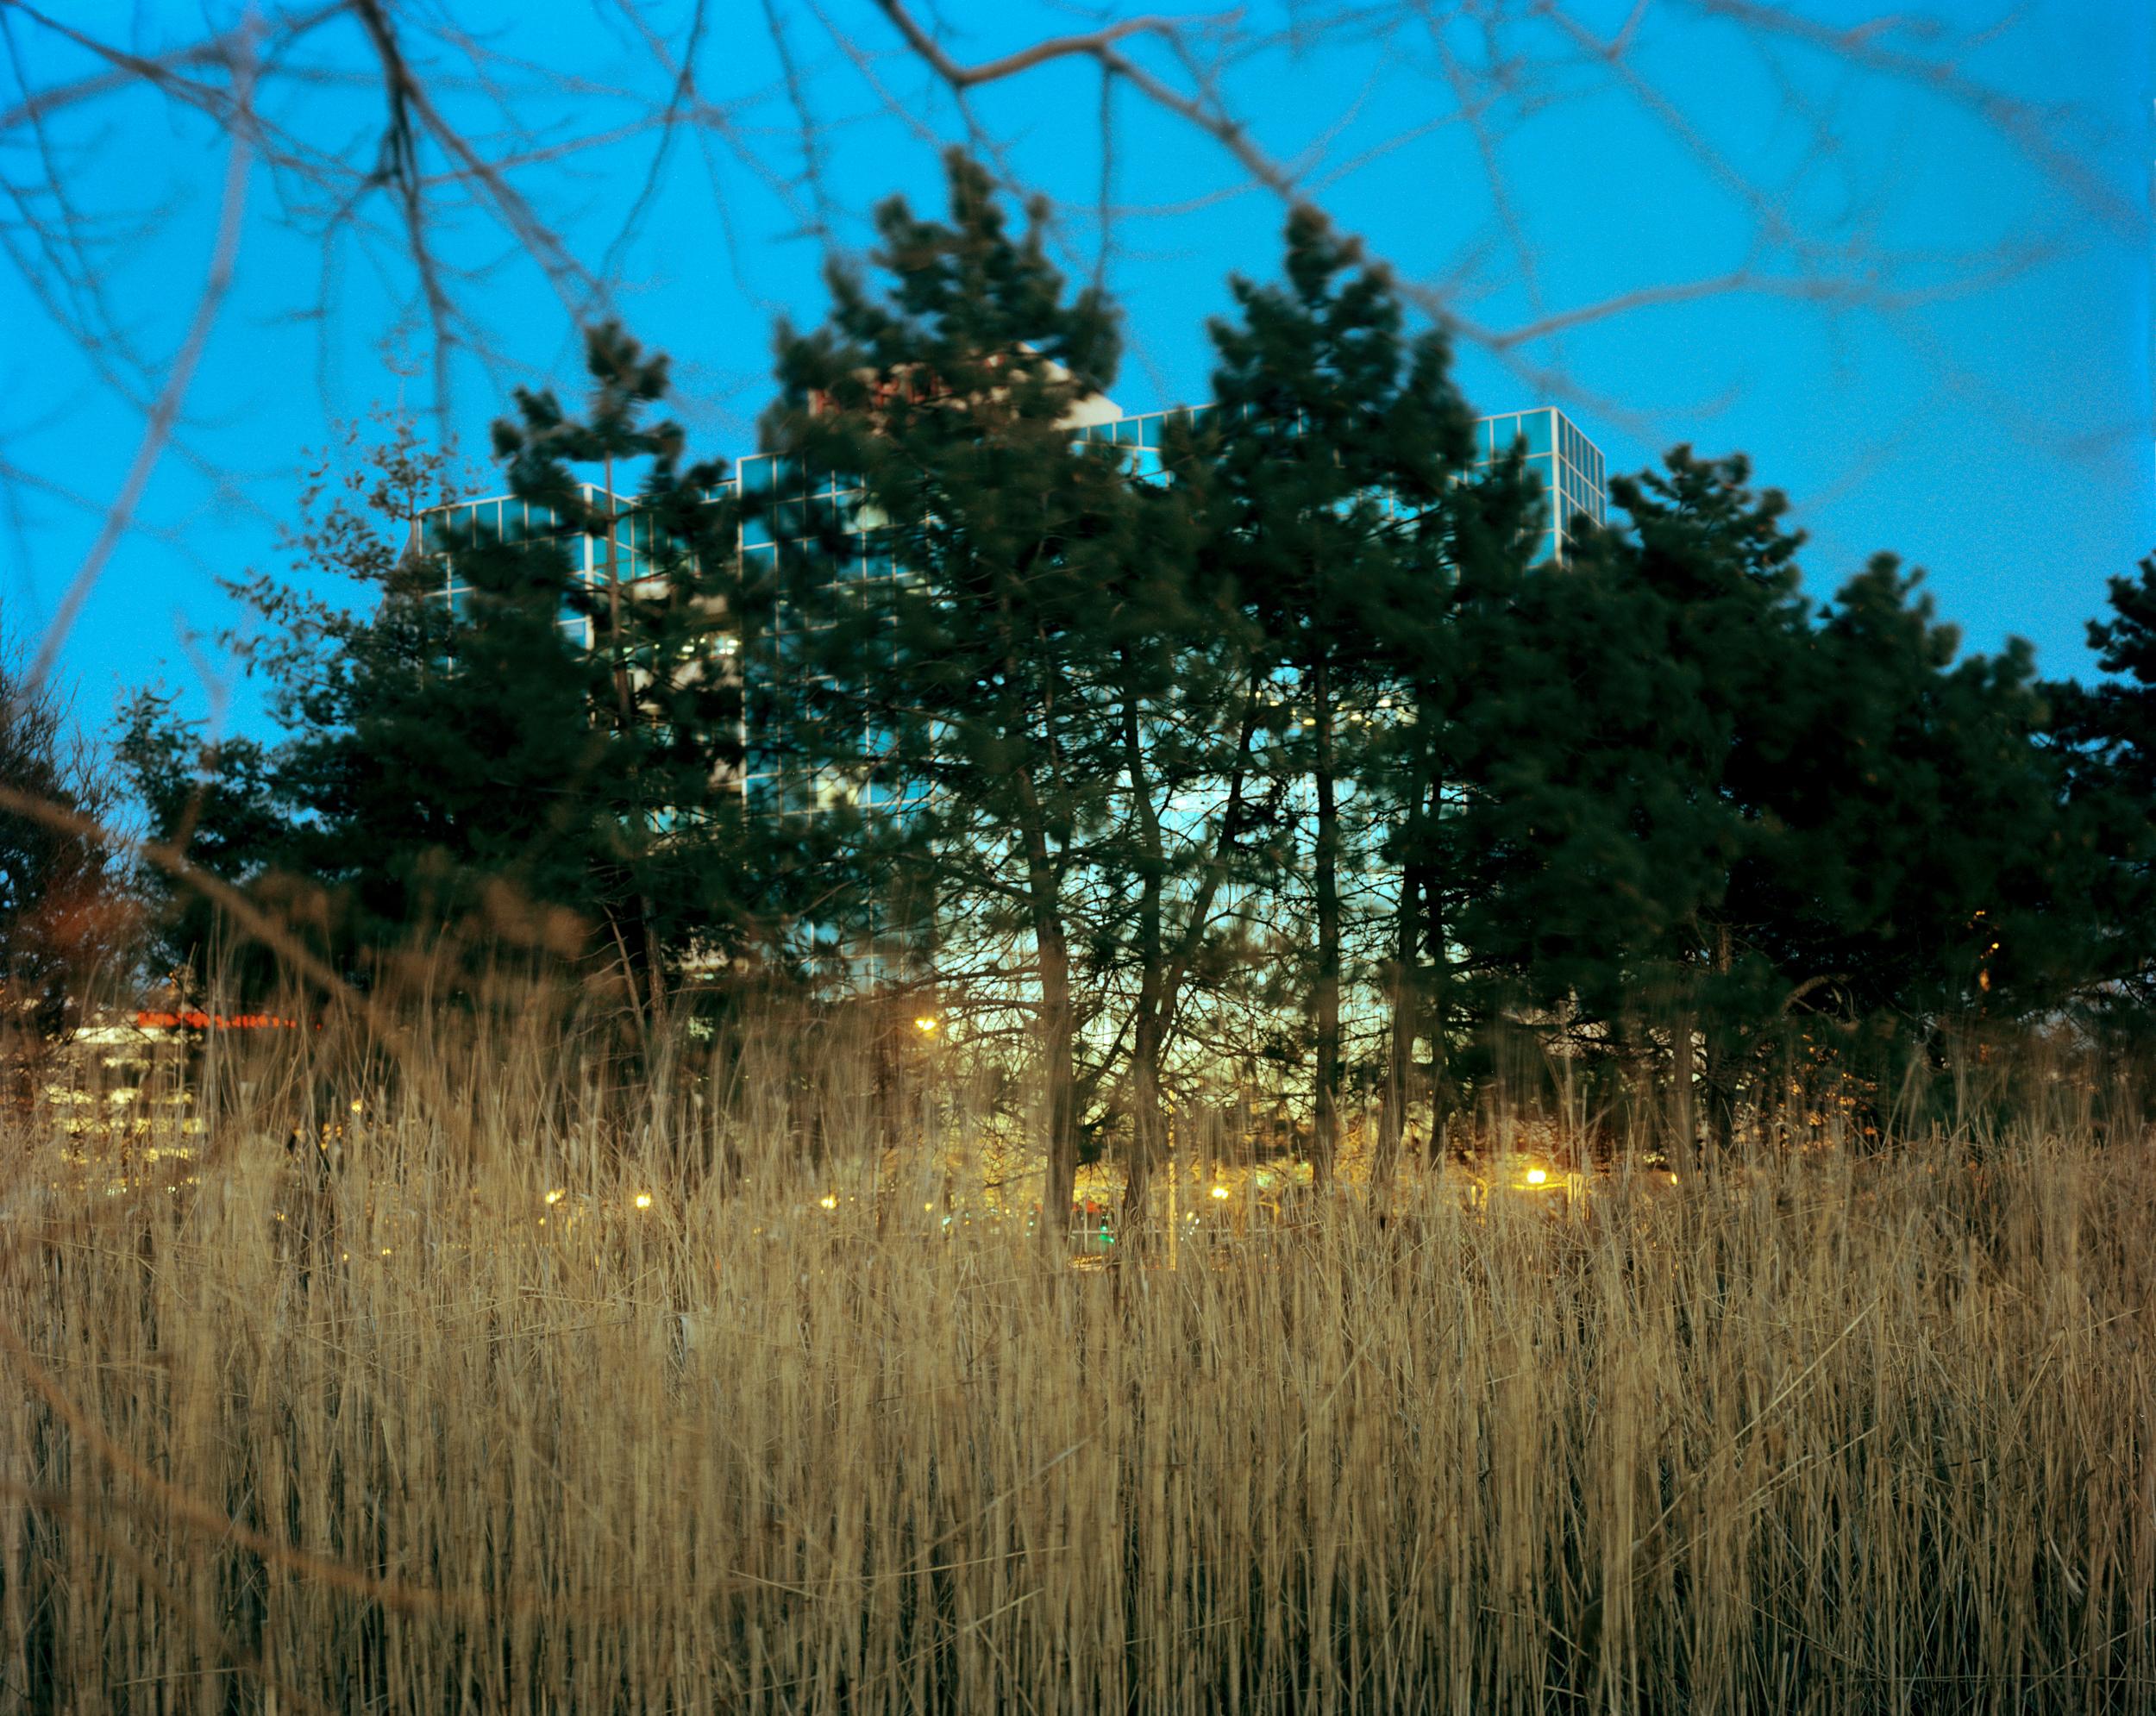 Meadowlands No. 7